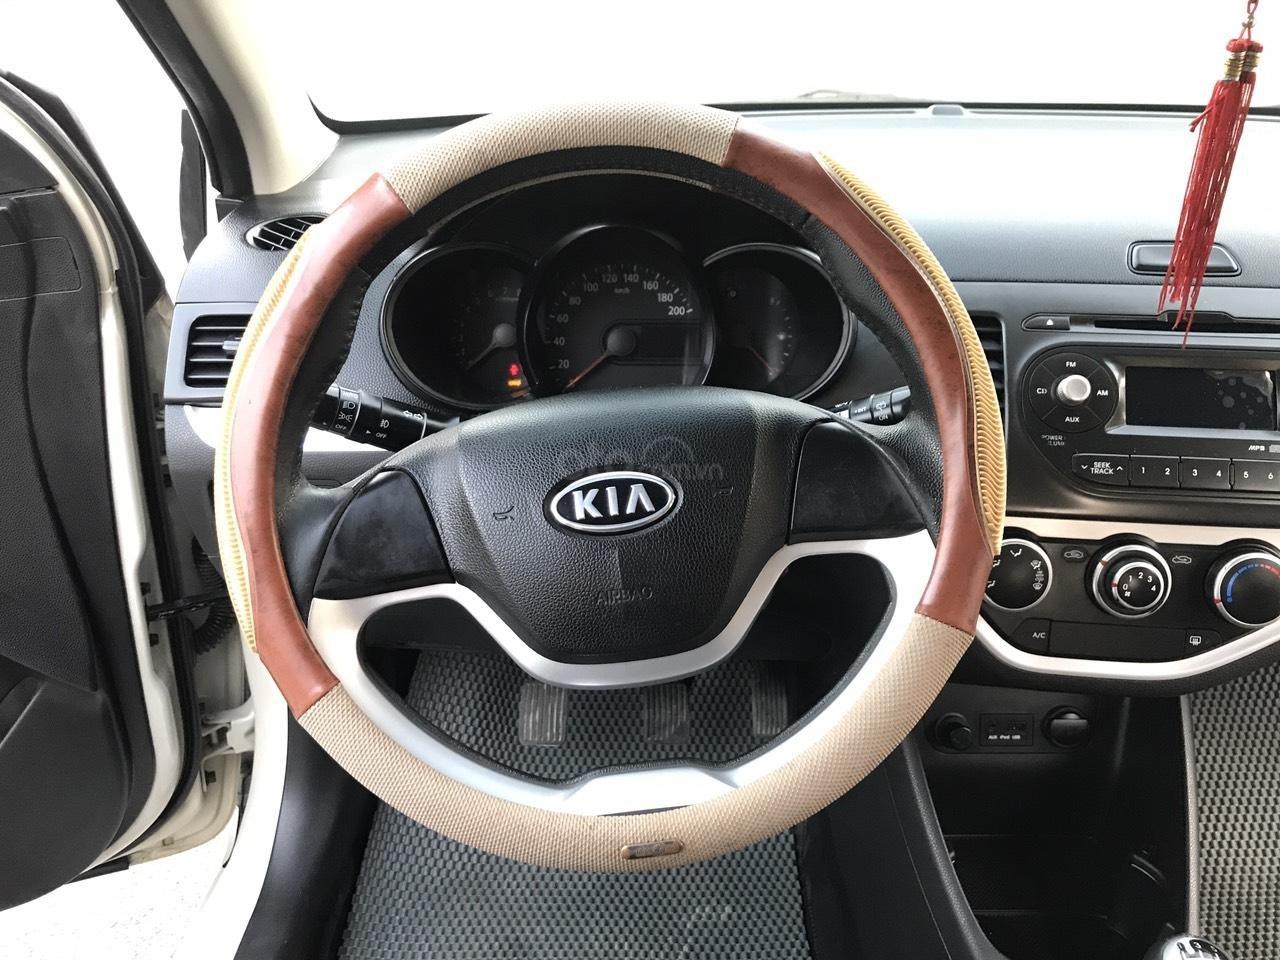 Cần bán xe Kia Morning 1.0MT Sport đời 2011, màu kem (be), nhập khẩu, xe cực tuyển (6)